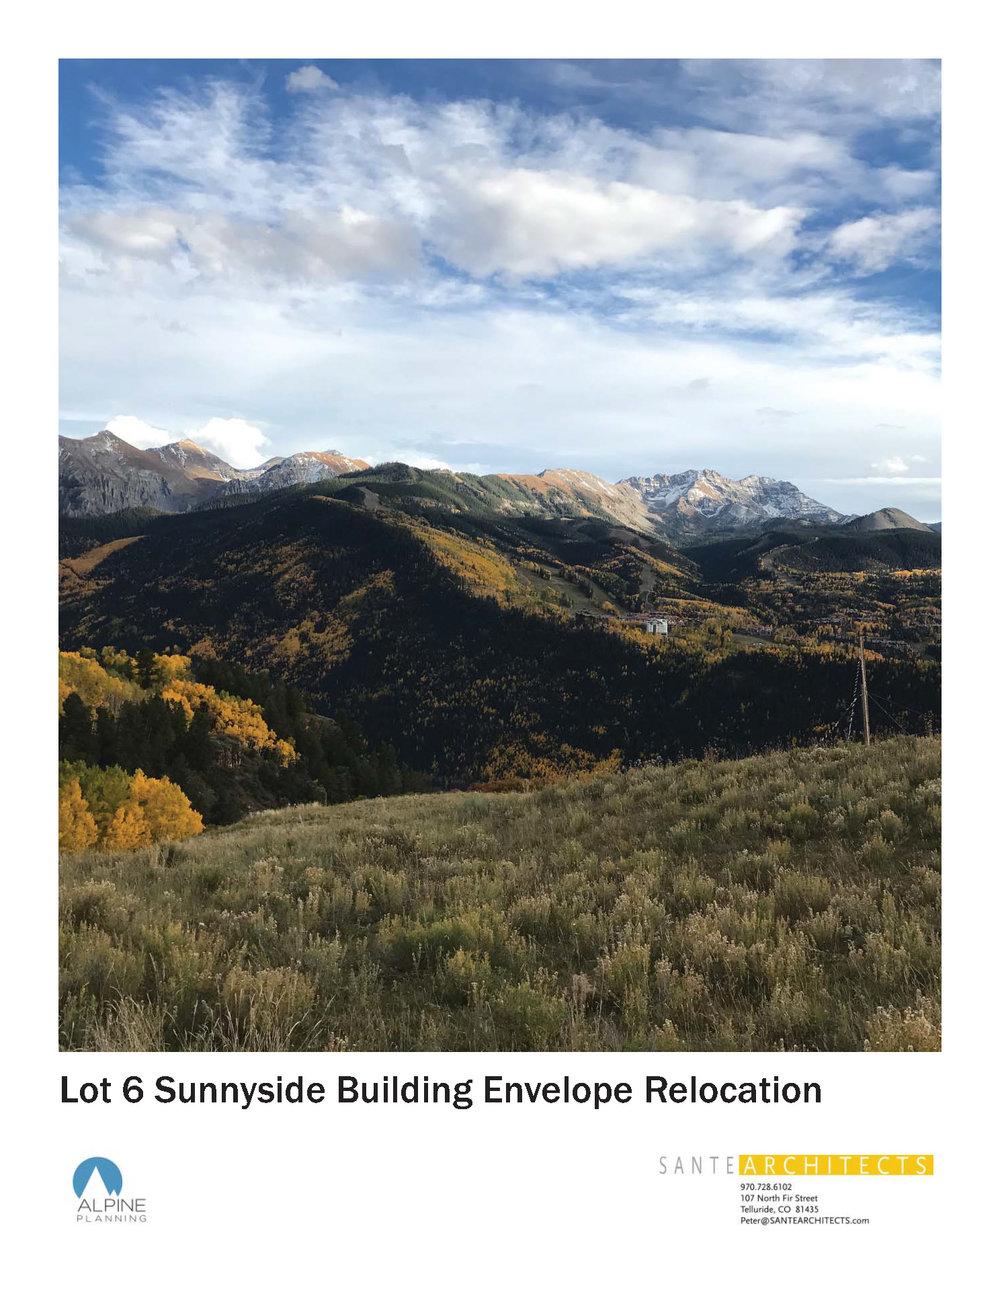 Lot 6 Building Envelope Relocaarrative Final Submittal102816 1 - Copy - Copy.jpg